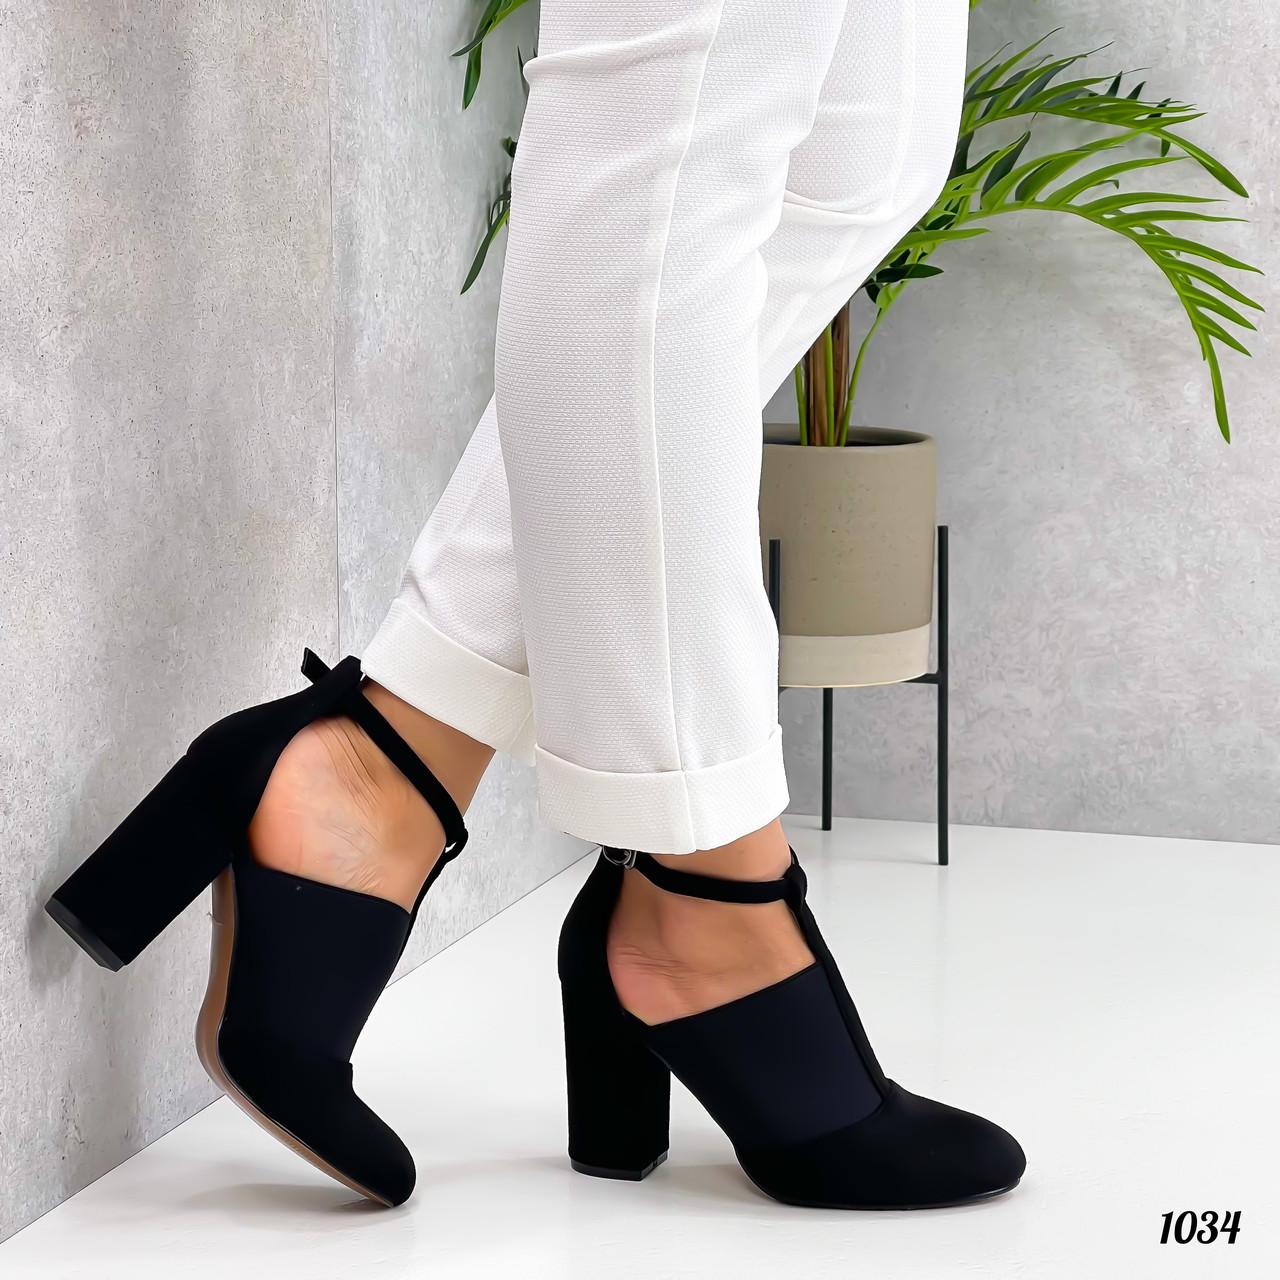 ТОЛЬКО 39 р!!! Женские туфли черные с резинкой на каблуке 8,5 см эко- замш